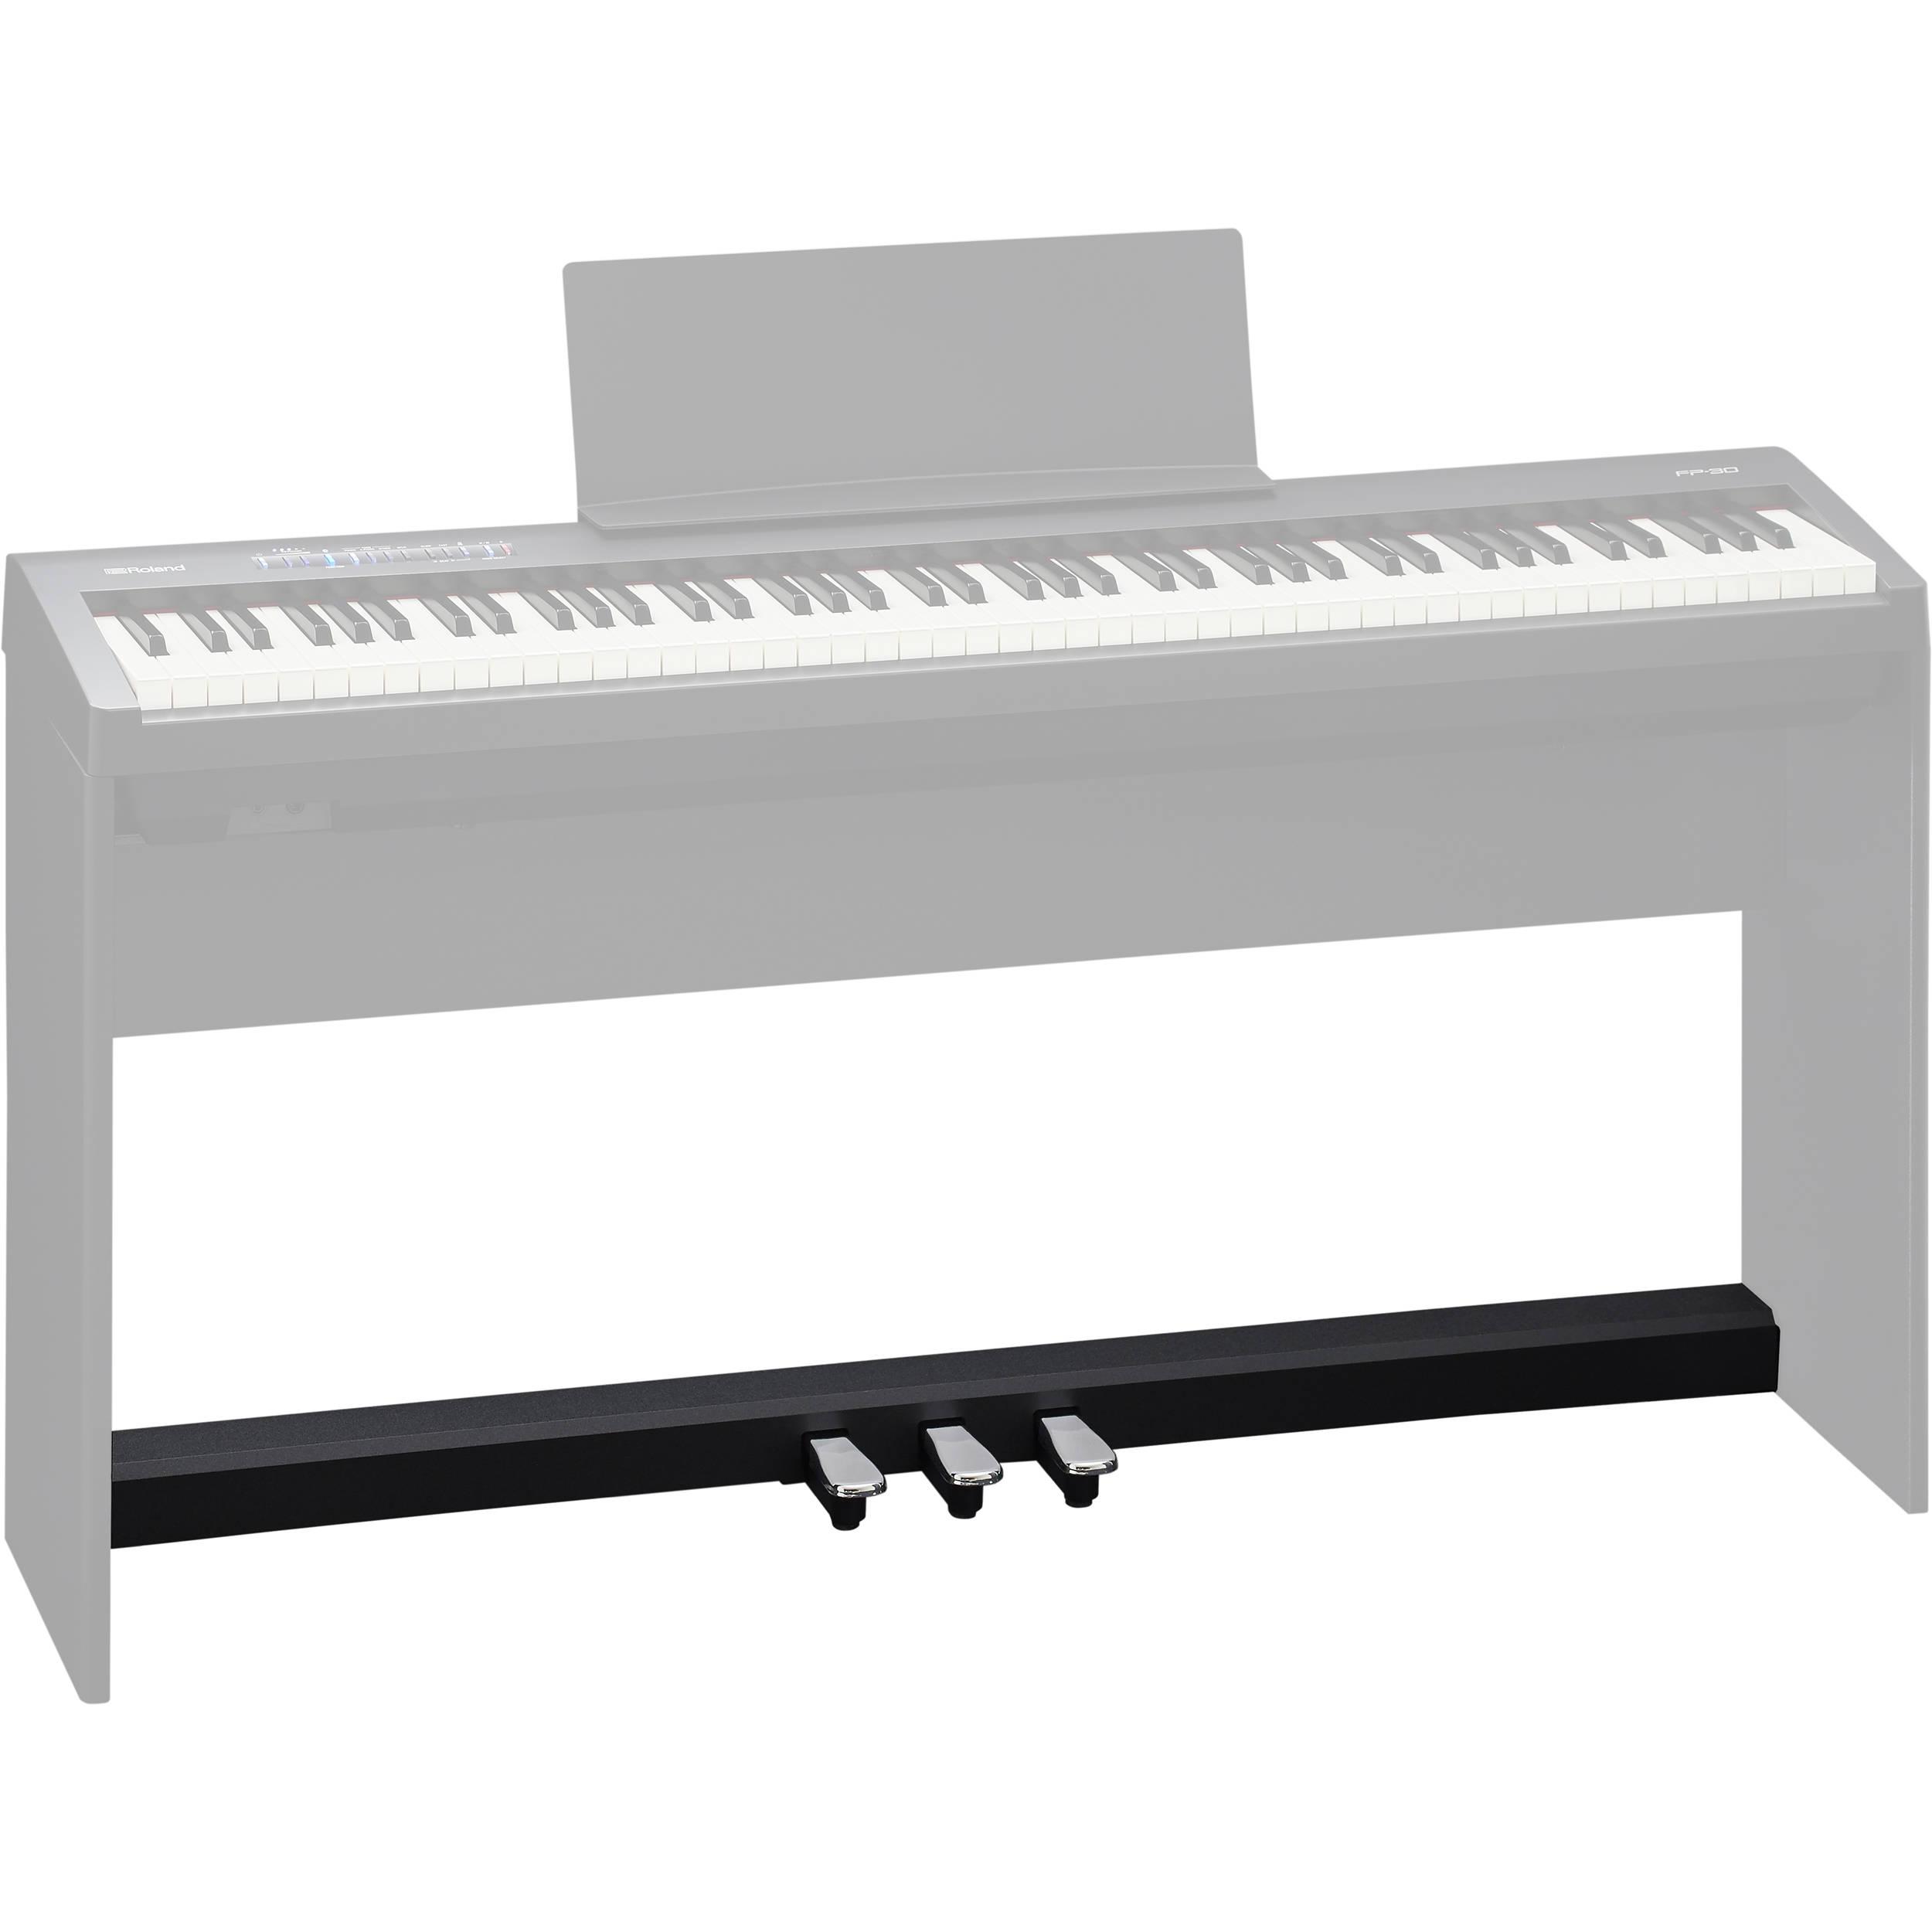 Педали для цифрового пианино Roland KPD-70-BK: фото